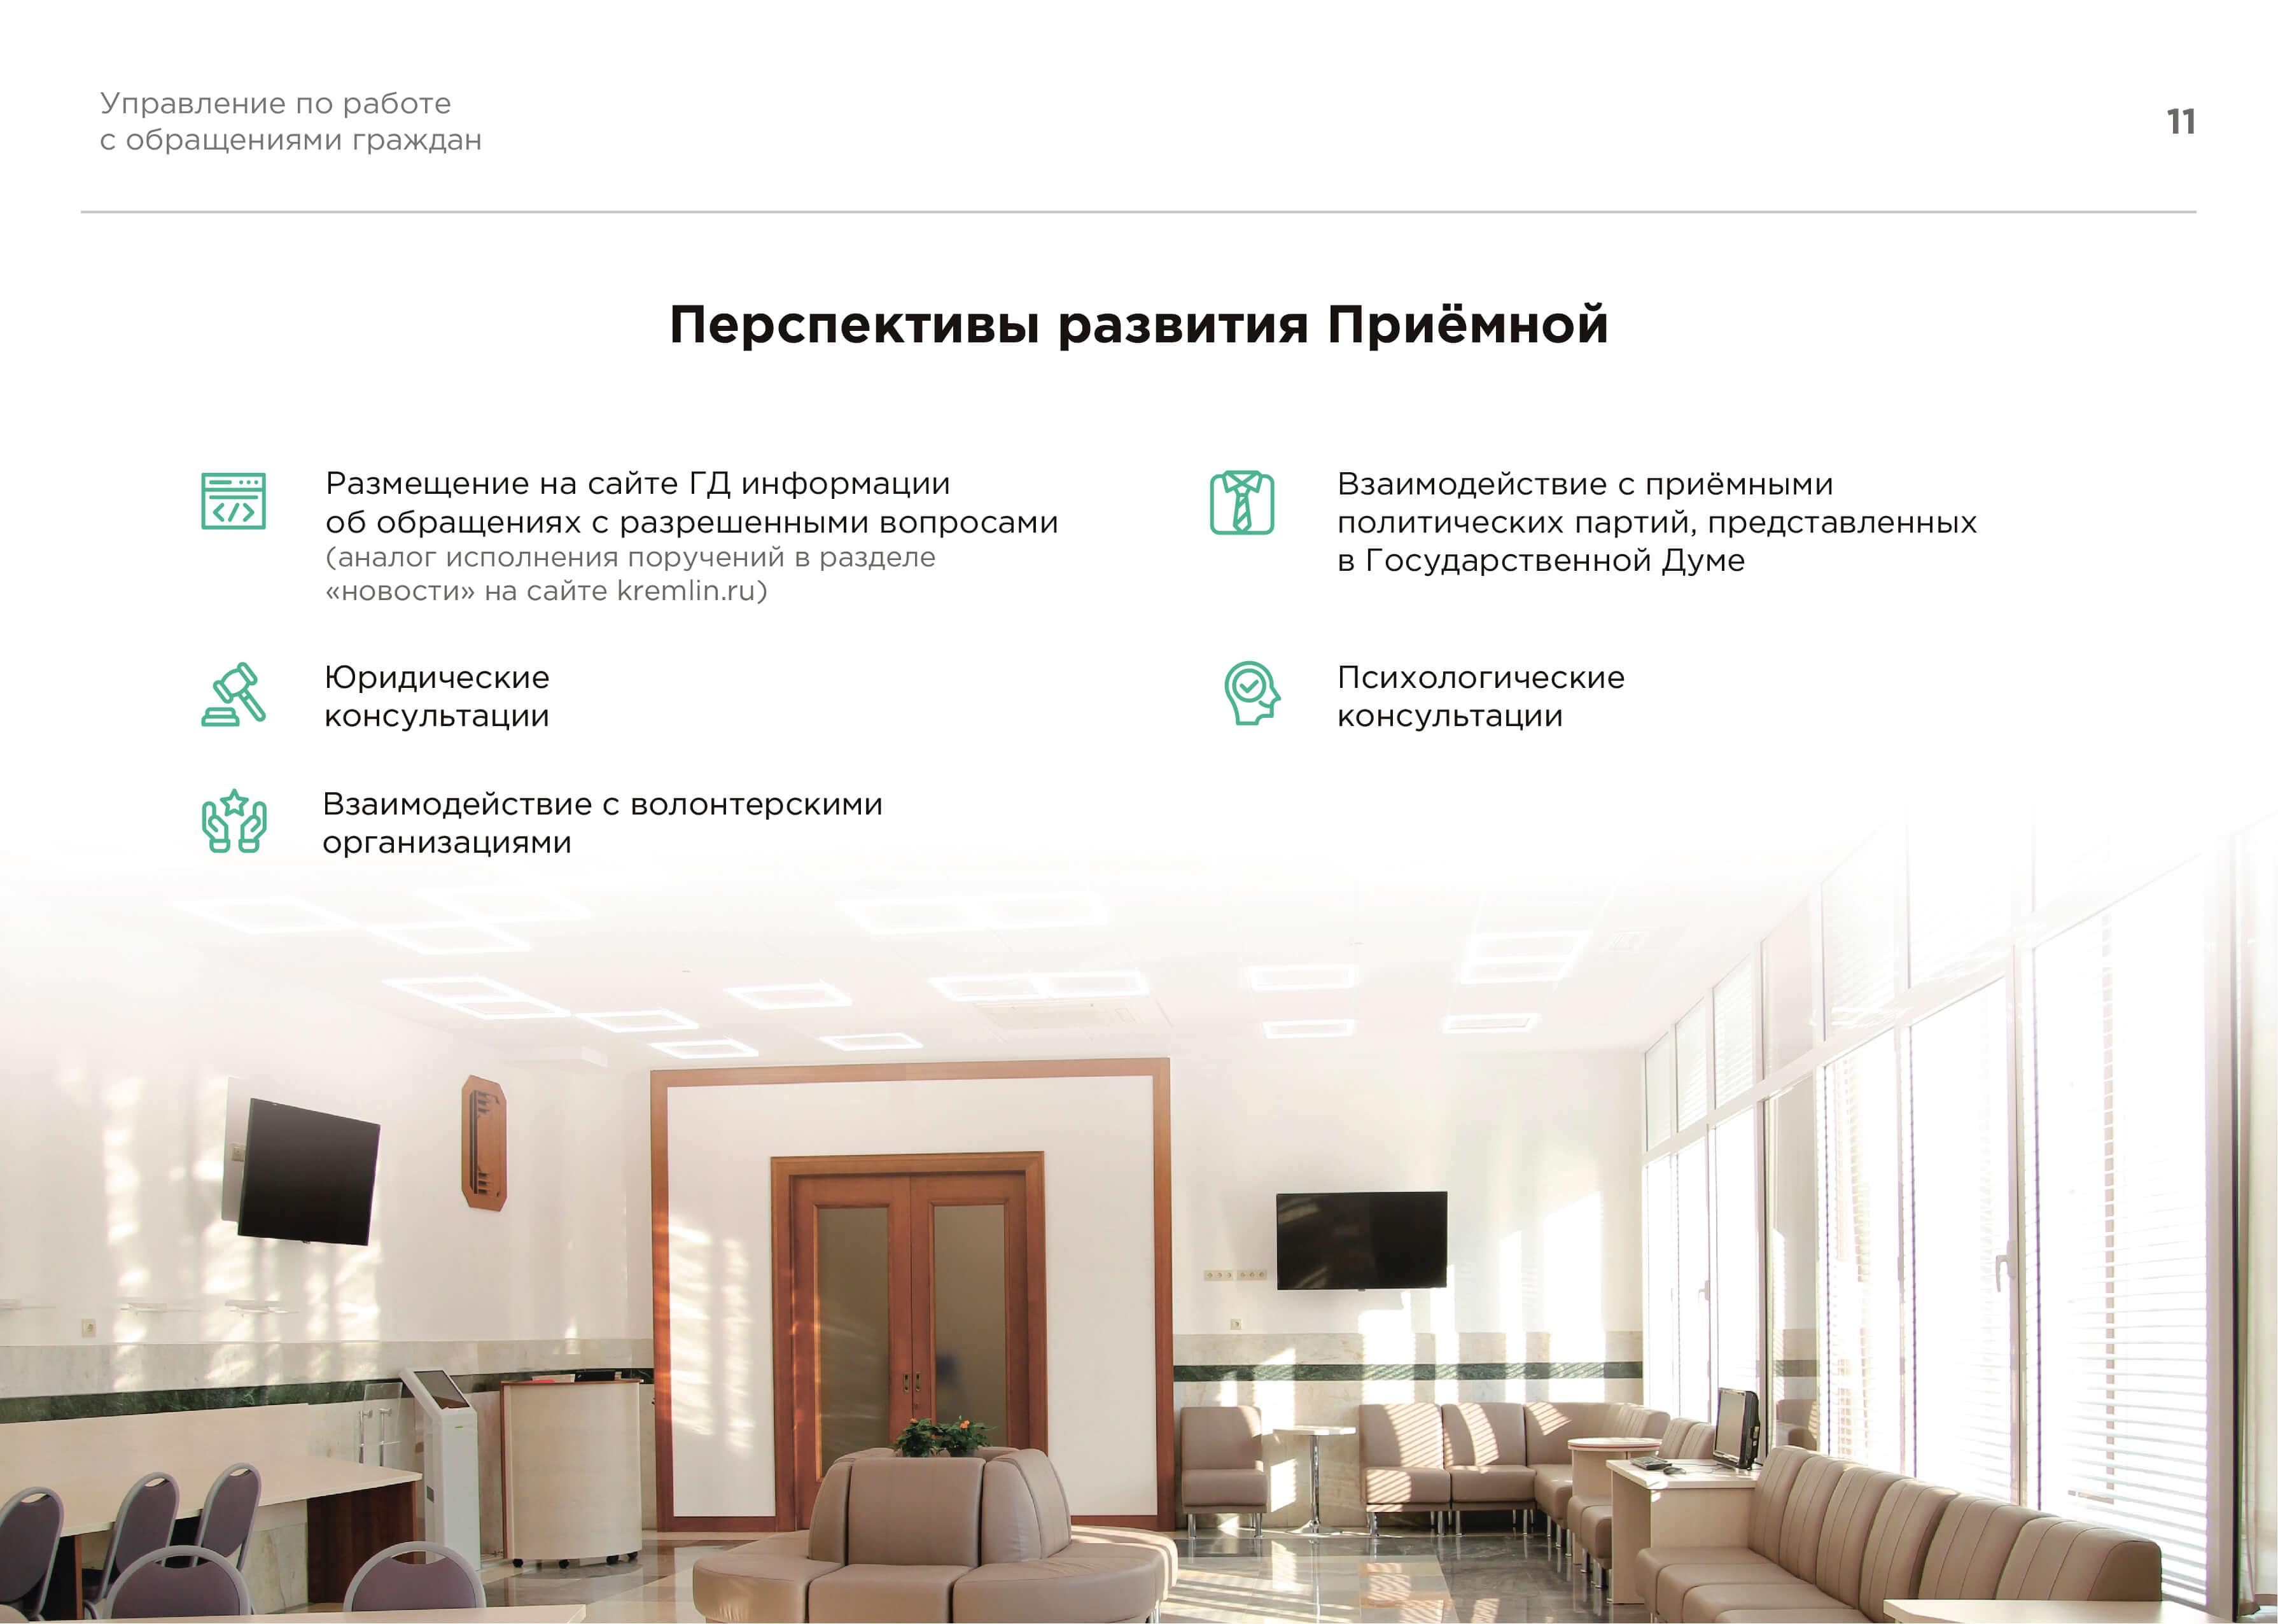 Презентация Государственной Думы Российской Федерации